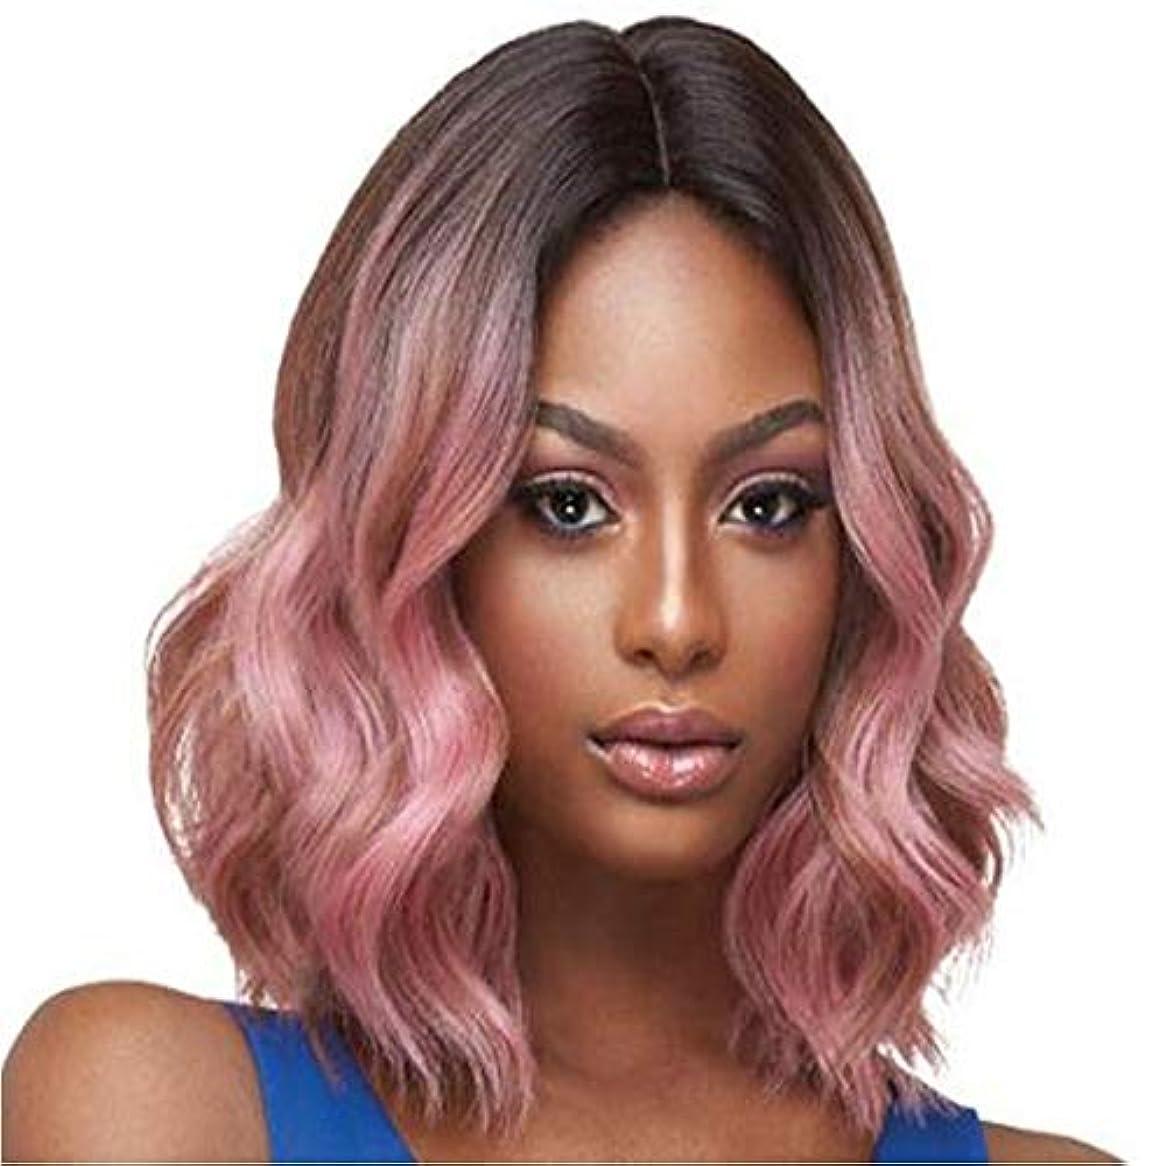 ヒープ追い出すキャプションヘアエクステンションピンクショート合成かつら女性用髪水波かつら高温ファイバーウィッグボブヘアカットショートオンブル合成かつら女性用デイウェアコスプレやパーティー